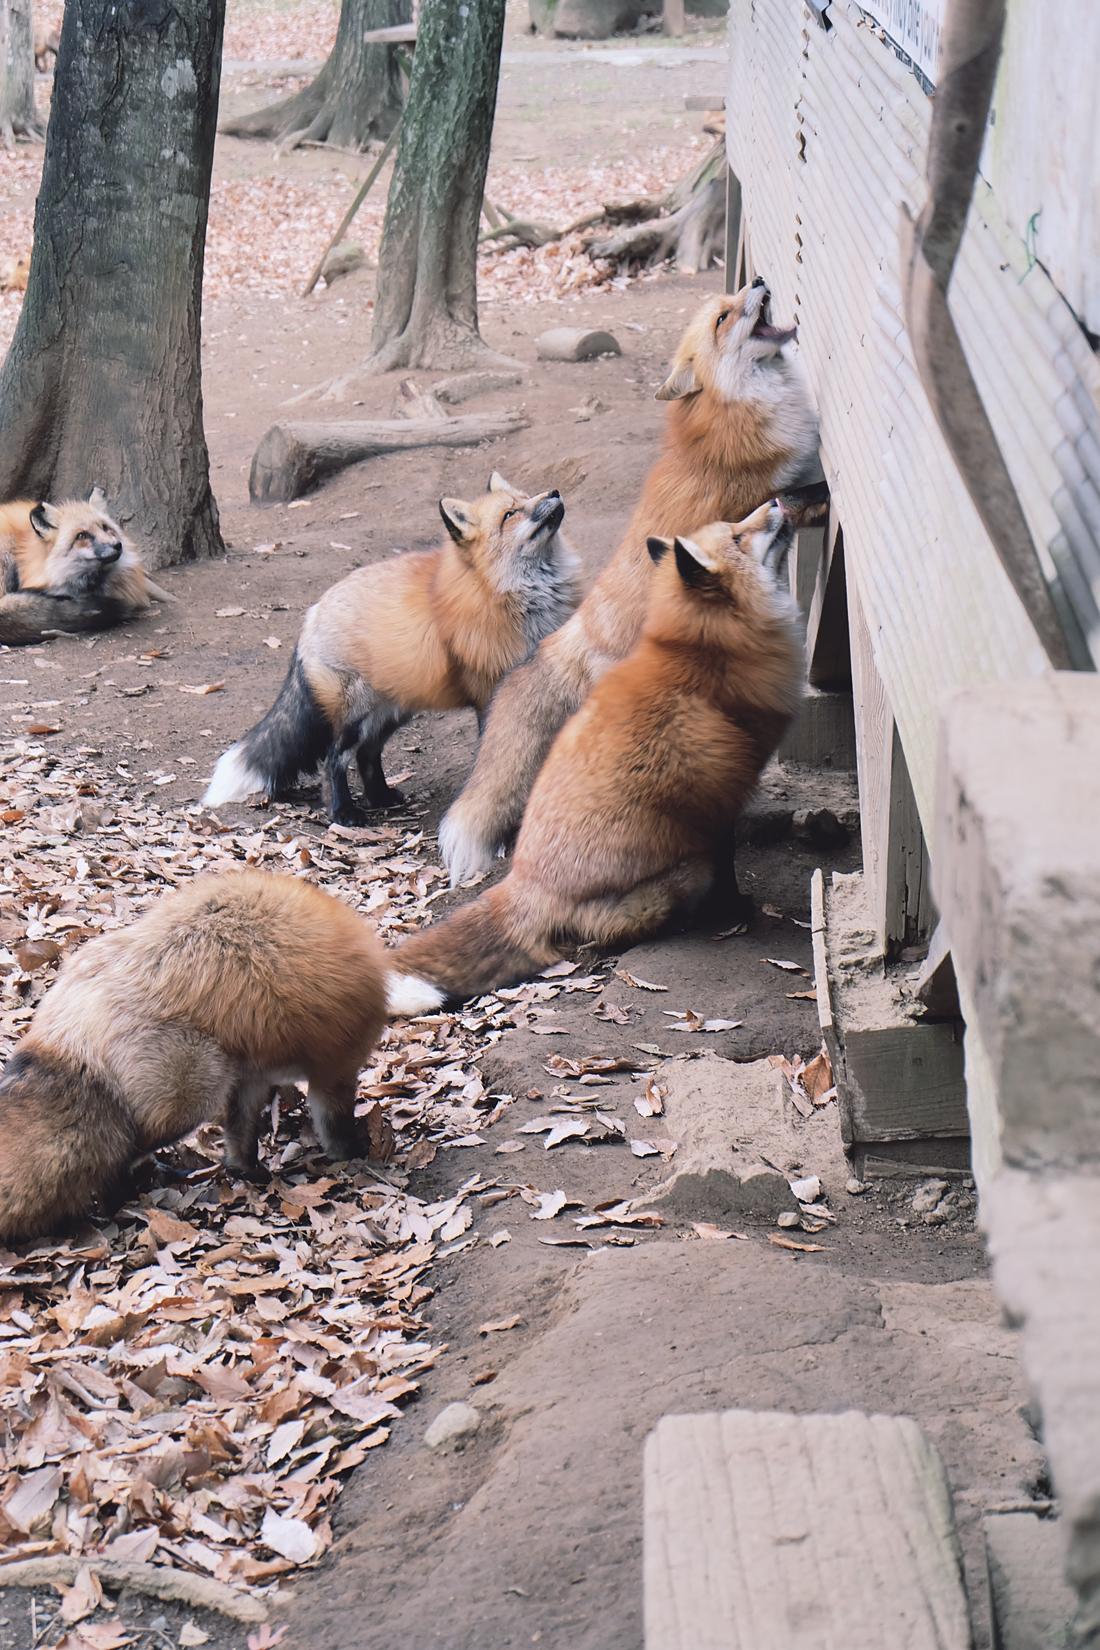 miyagi-zao-fox-village-rainbowholic-58